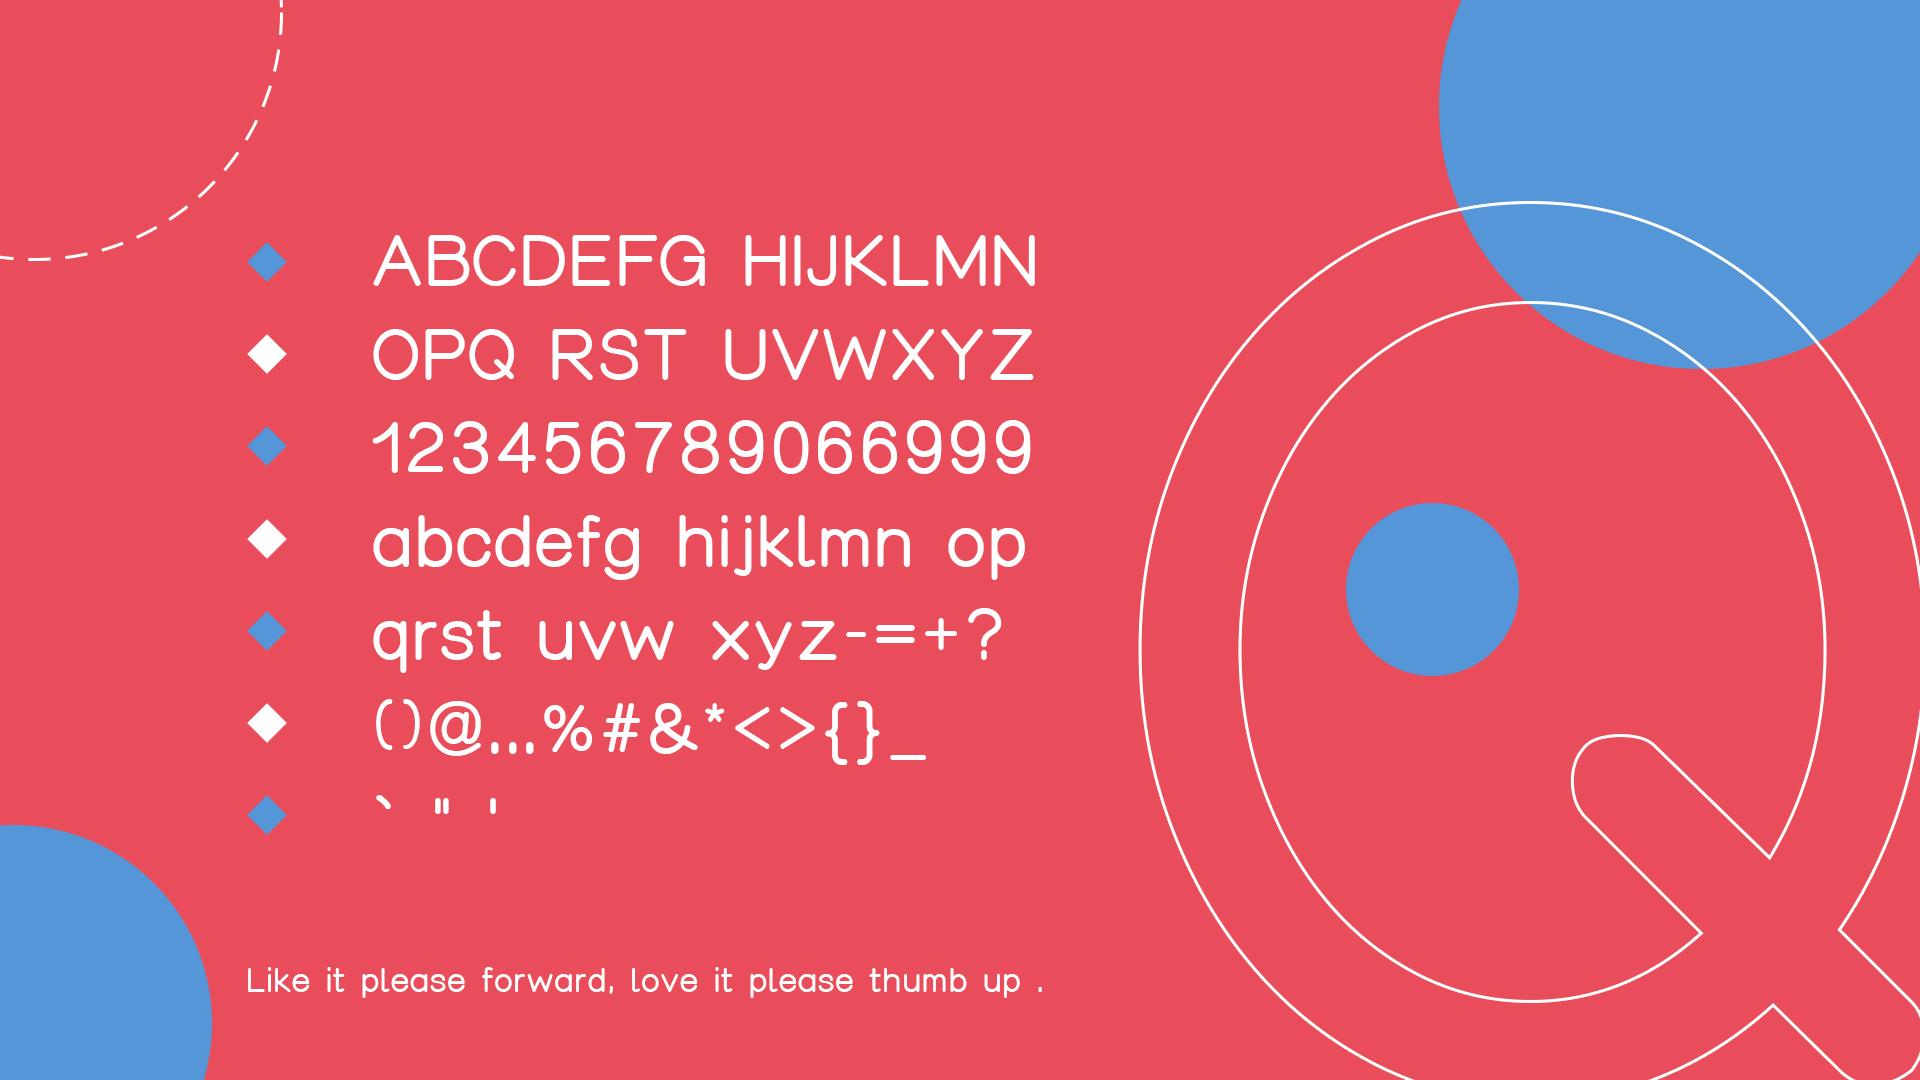 【阿瓜准圆体】永久免费商用!英文字体下载